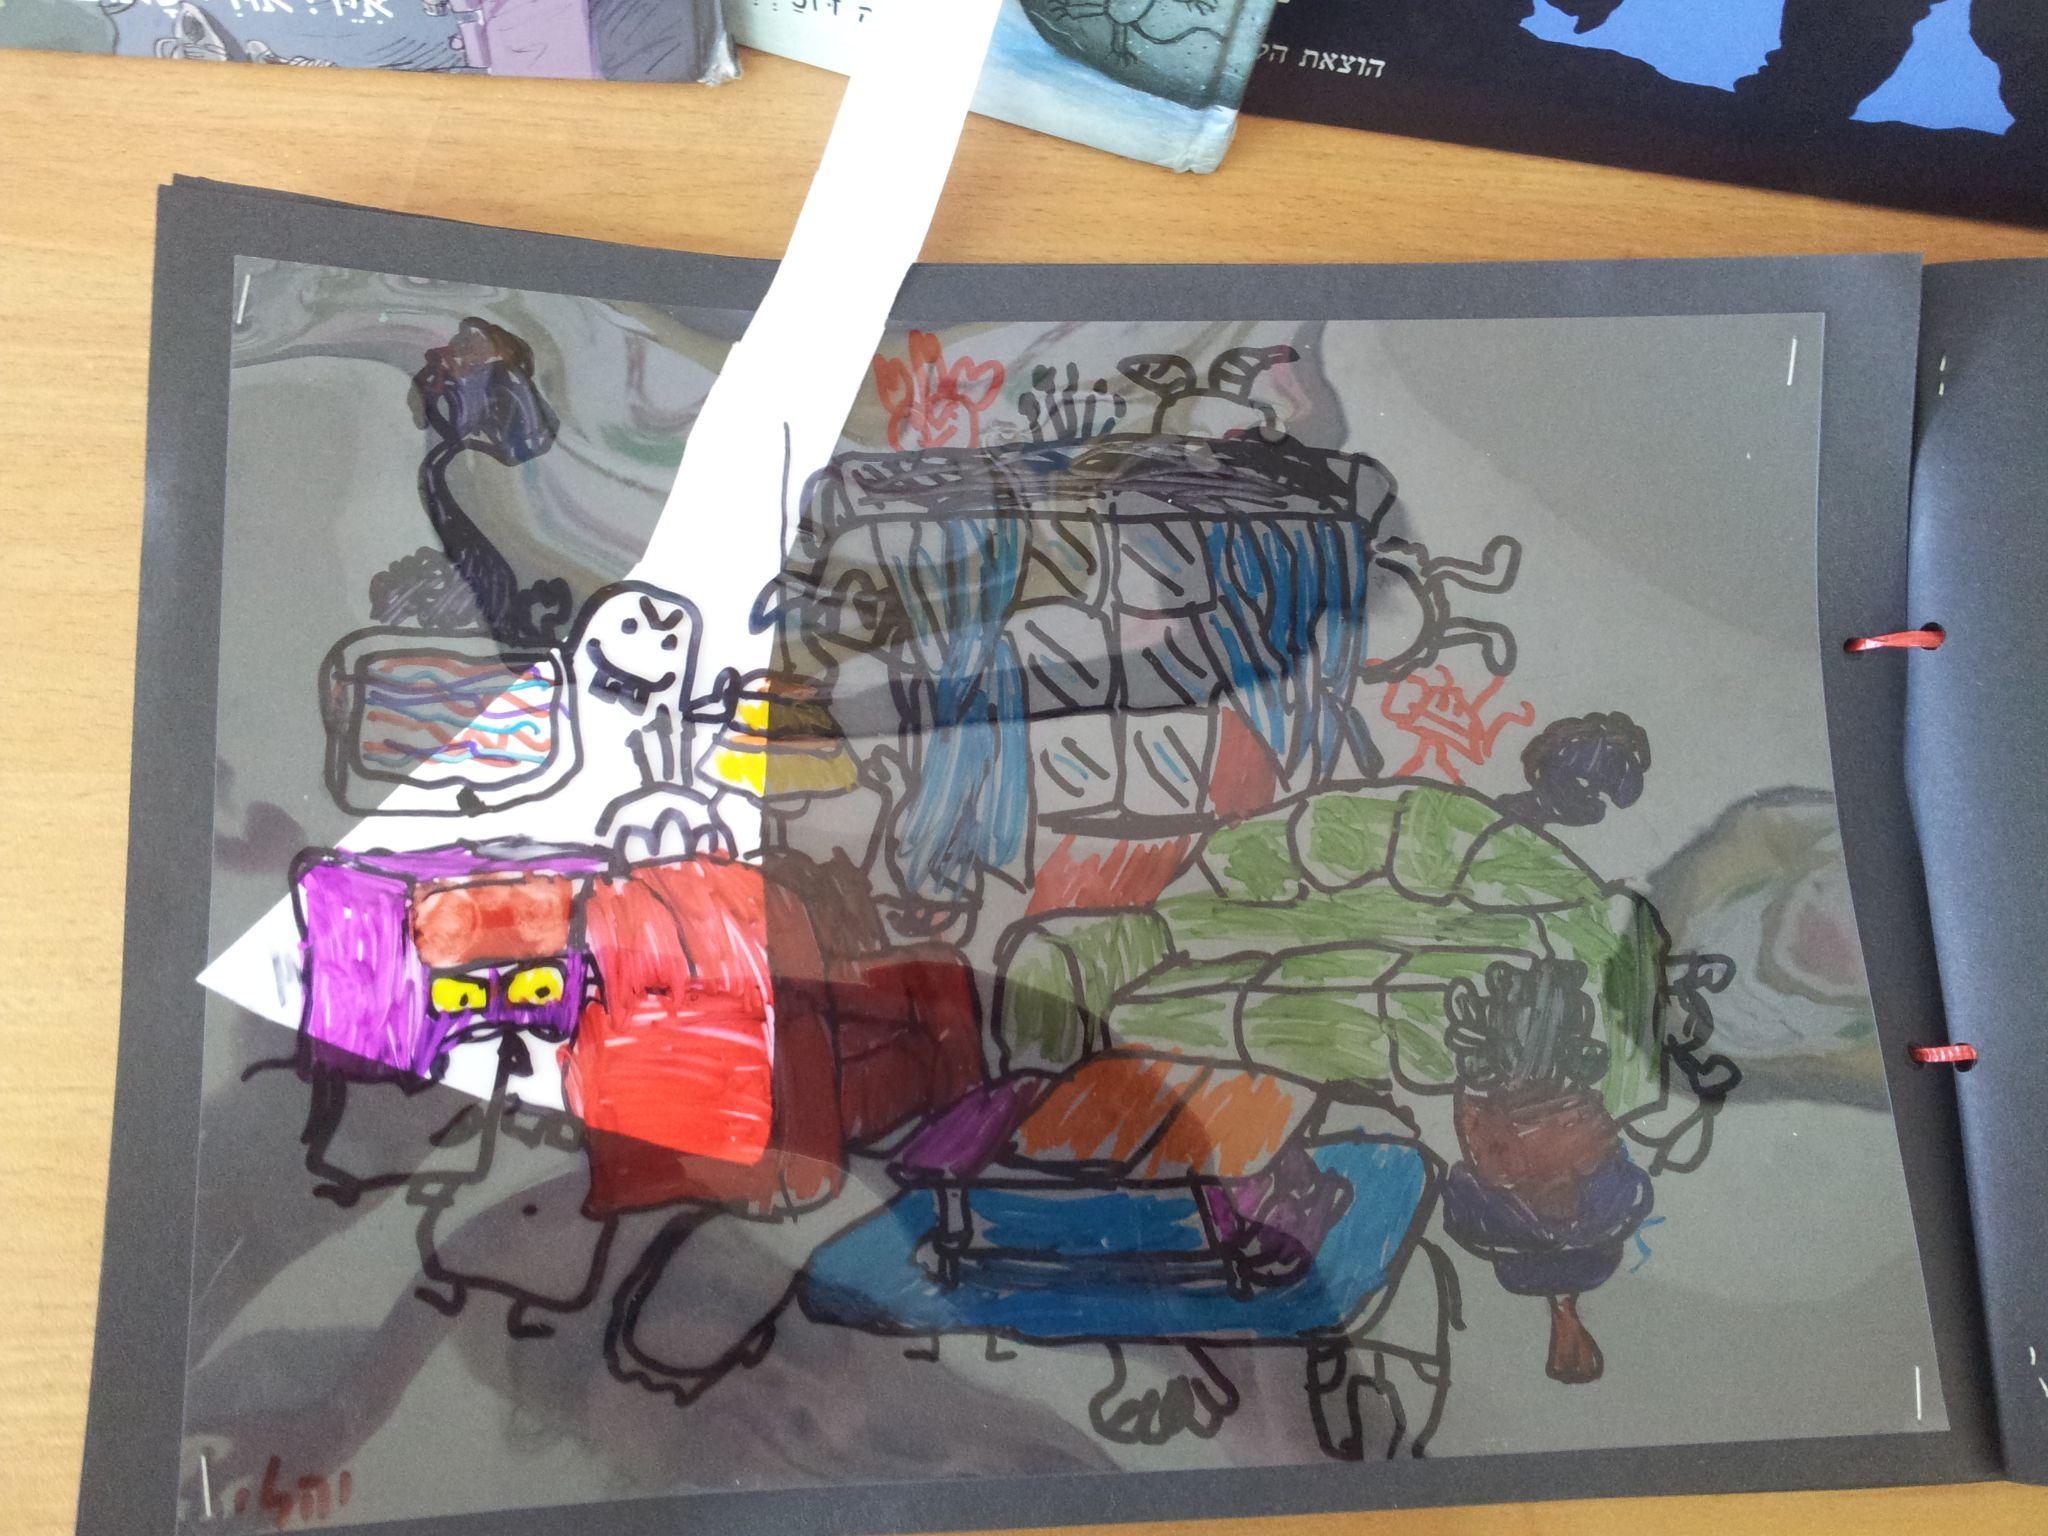 פנס הקסם בנושא מפלצות. על עוד פעילויות בנושא מפלצות ניתן לקרוא בבלוג שלי: http://fun-ducation.blogspot.co.il/2014/03/blog-post_23.html